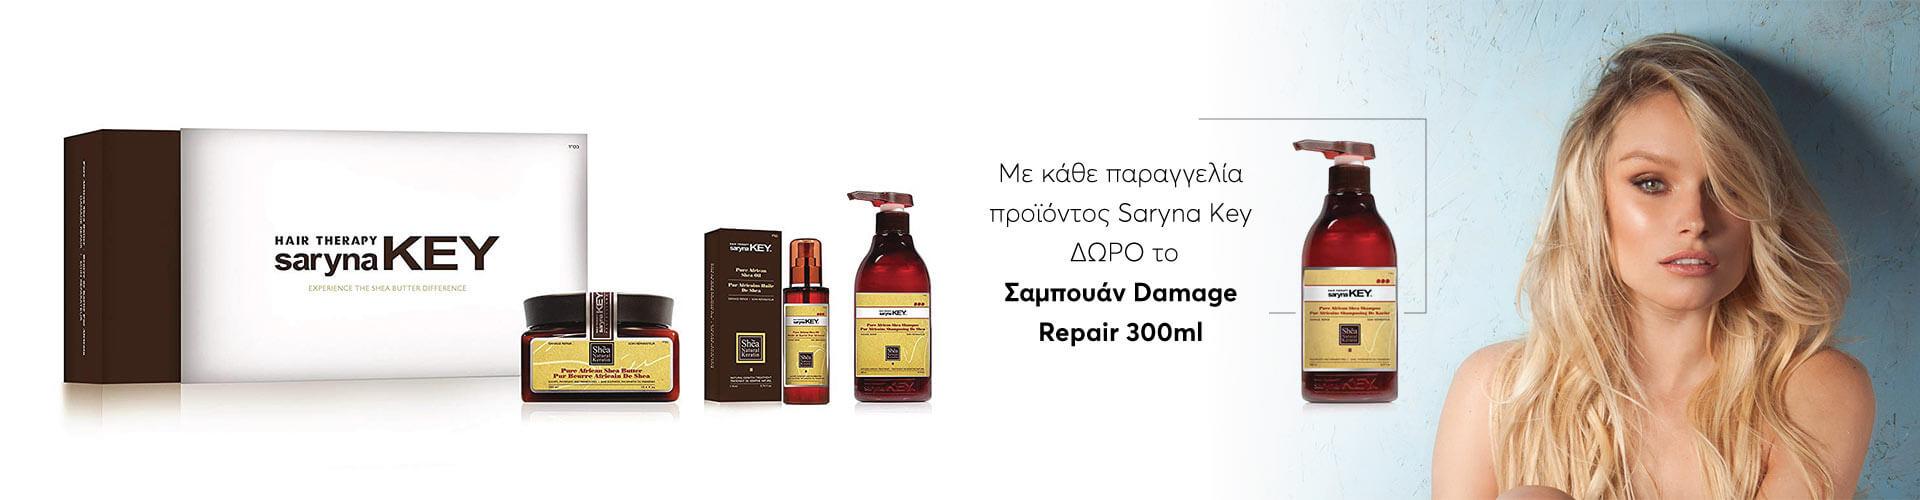 Saryna key hair products